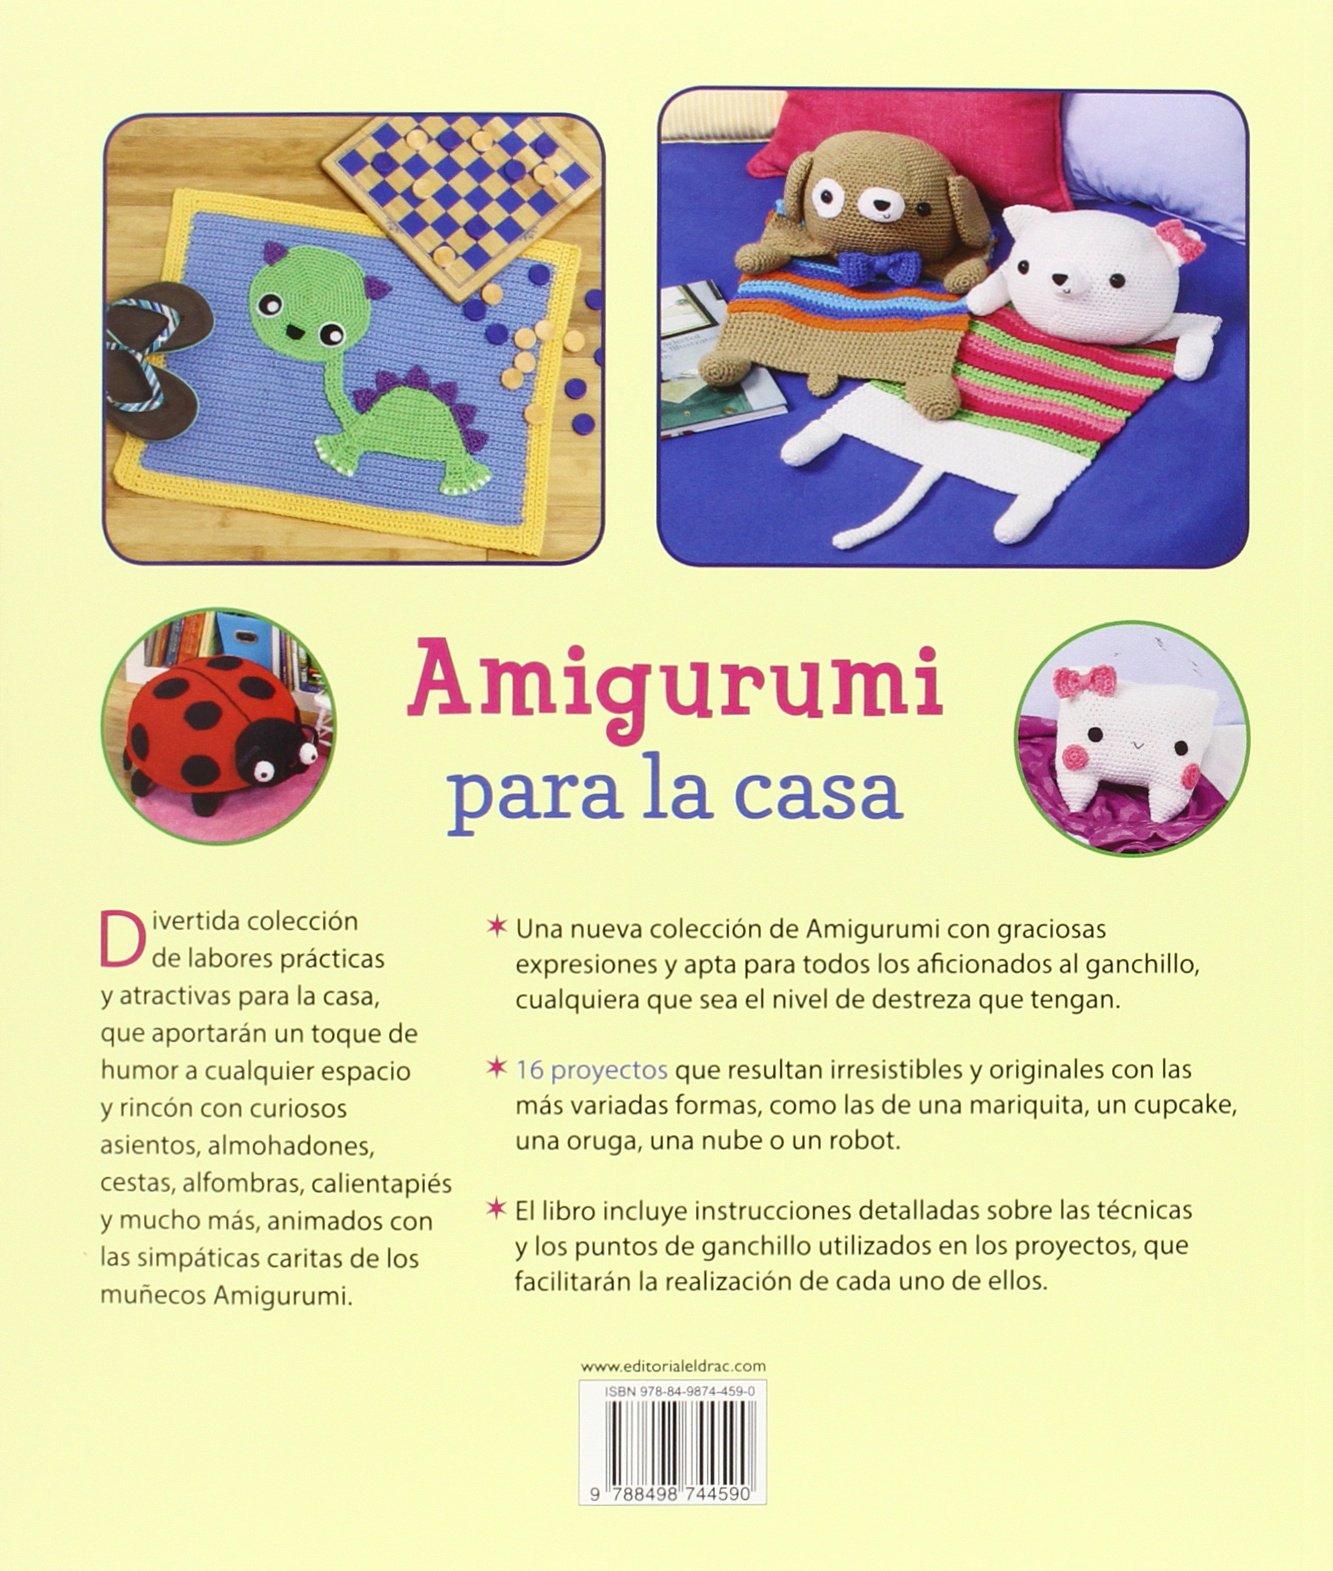 Amigurumi Para La Casa (Labores): Amazon.es: Ana Paula Rímoli, Esperanza González Vázquez, Ana María Aznar Menéndez: Libros